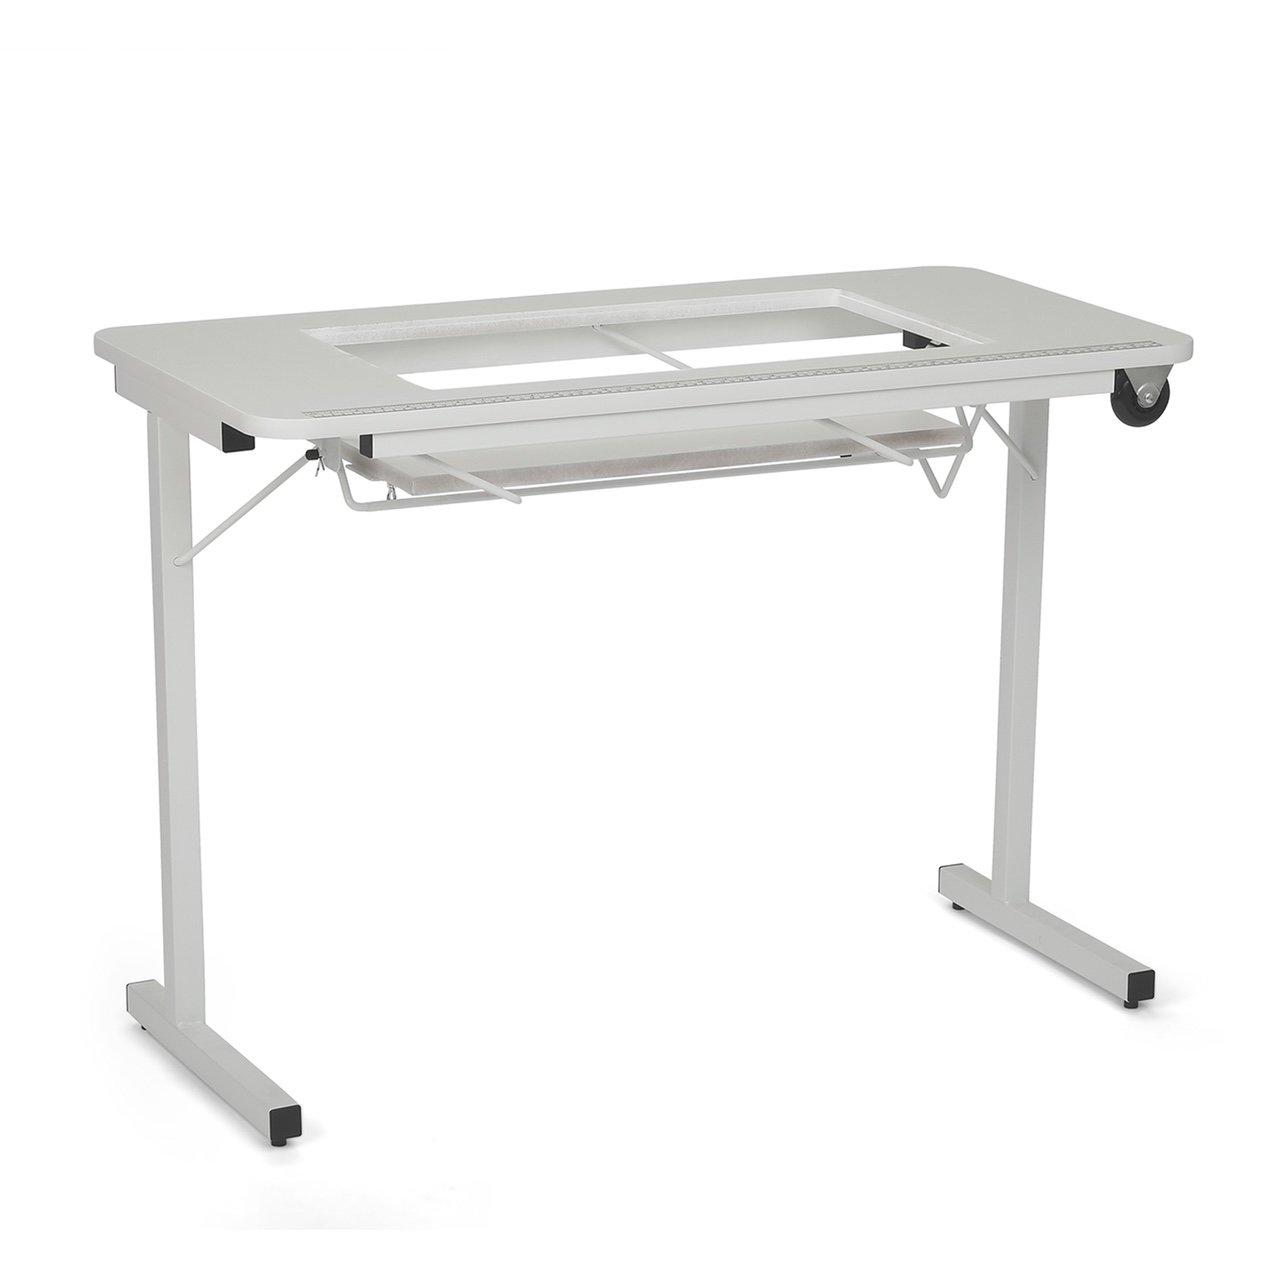 Gidget II Table - Arrow Sewing Cabinets